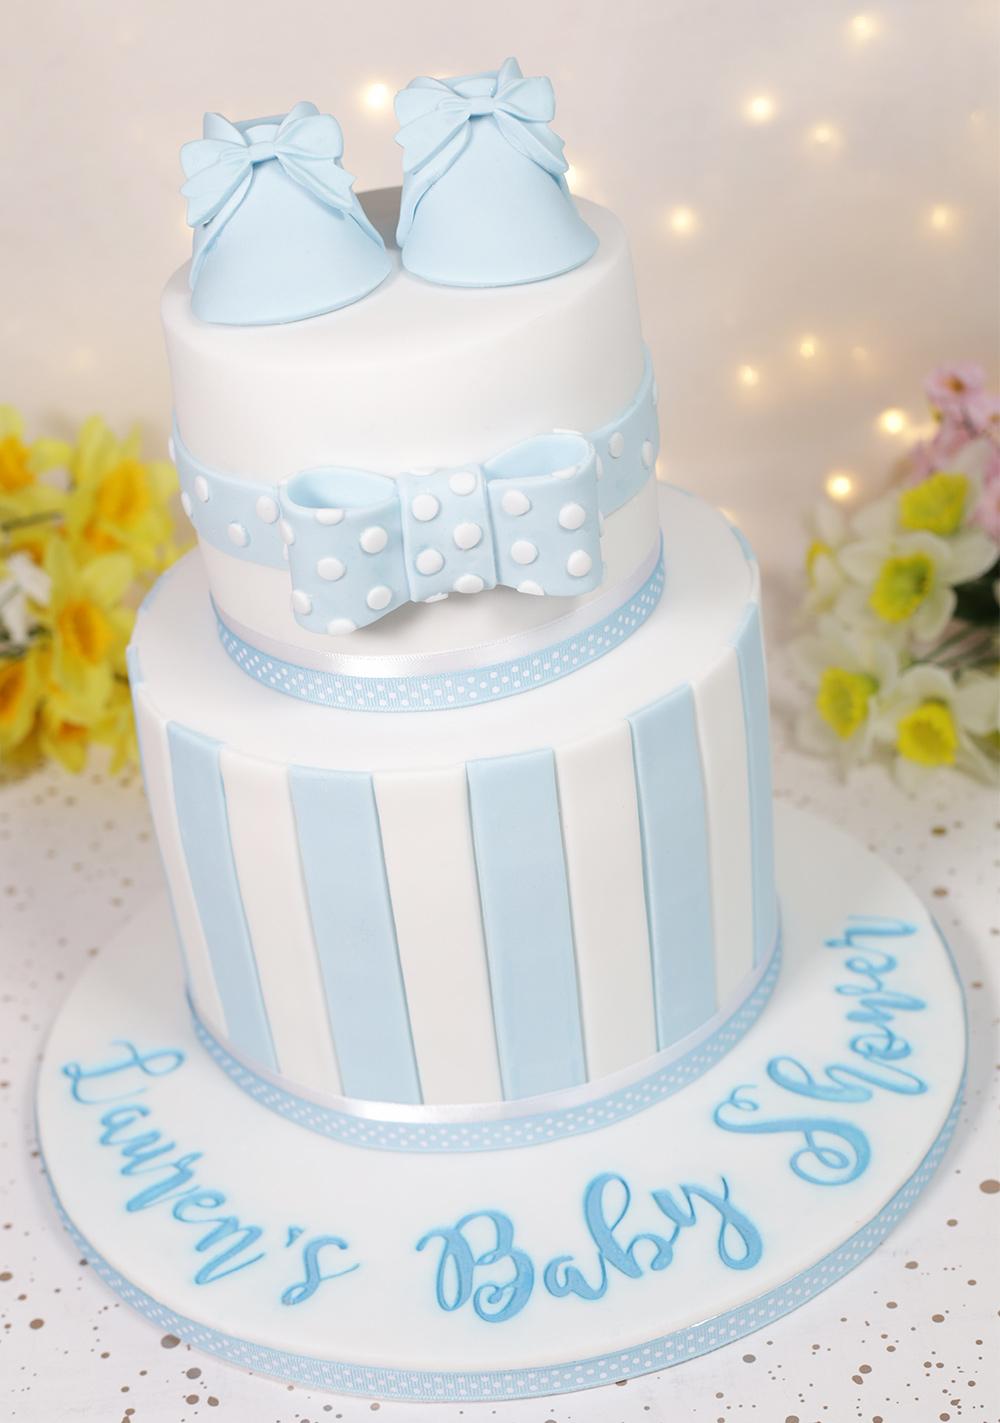 Baby Boy Baby Shower Cake Cakey Goodness